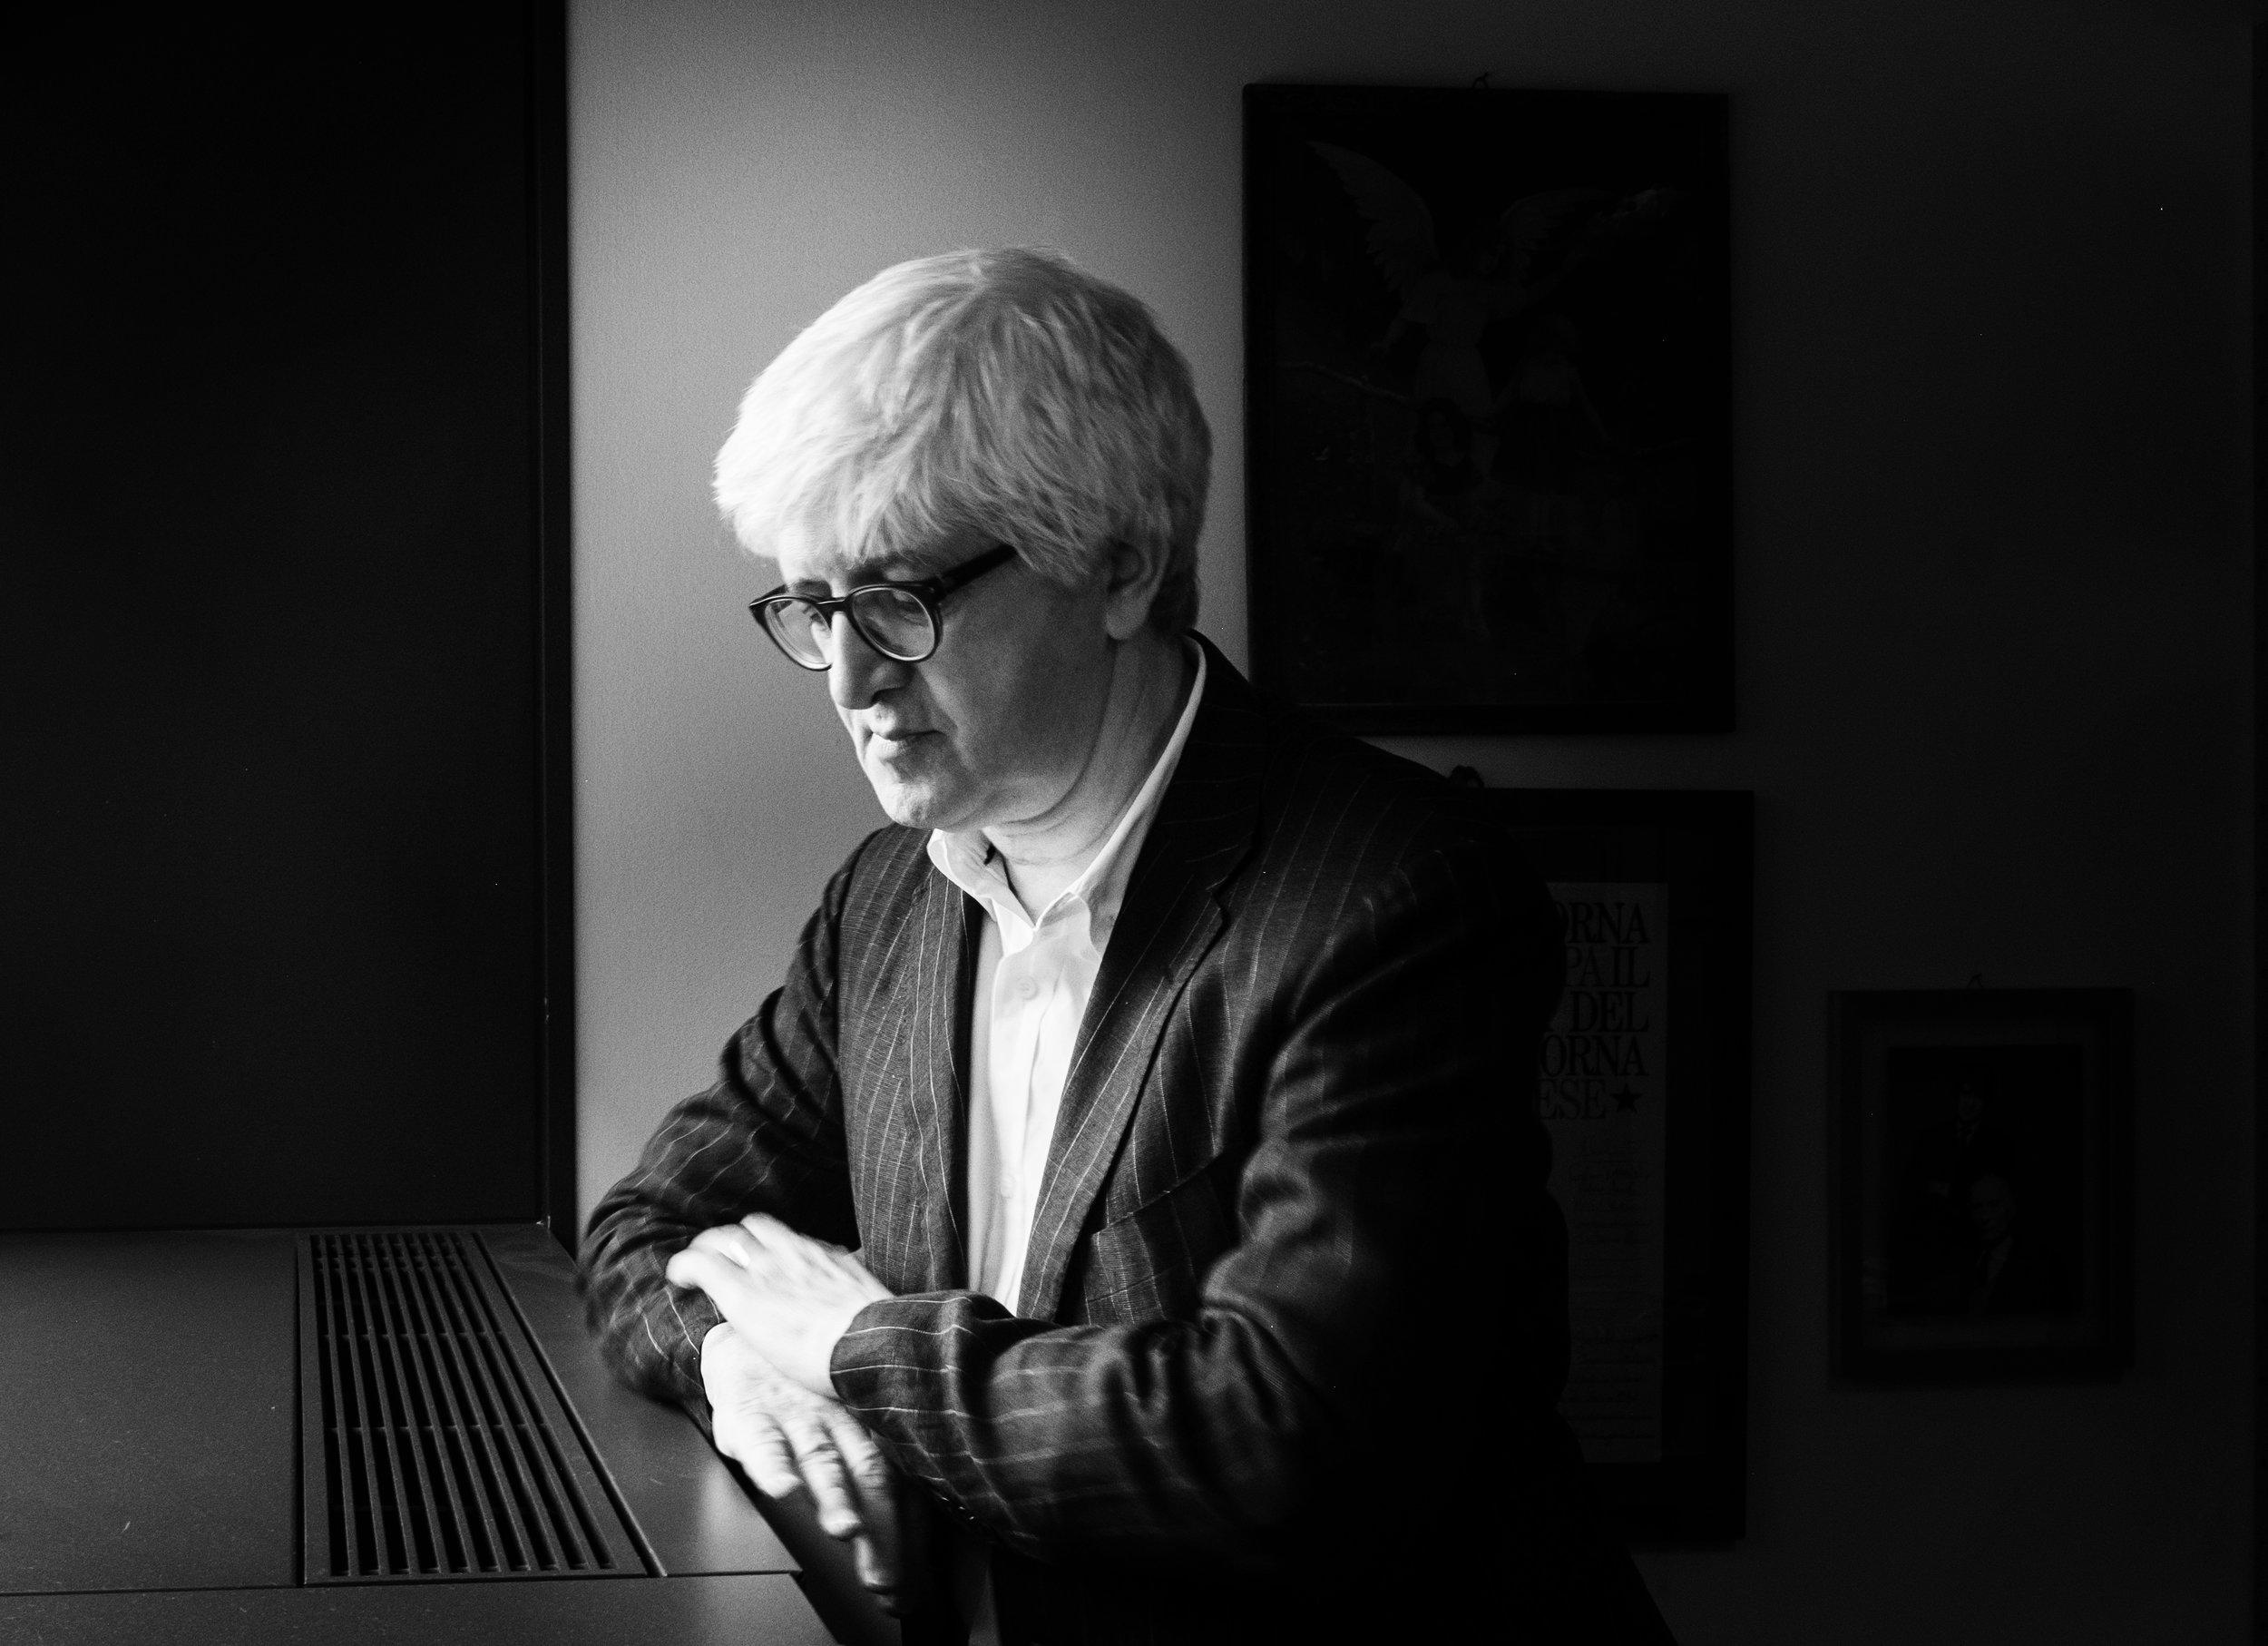 Beppe Severgnini   Editor in Chief at Corriere Della Sera